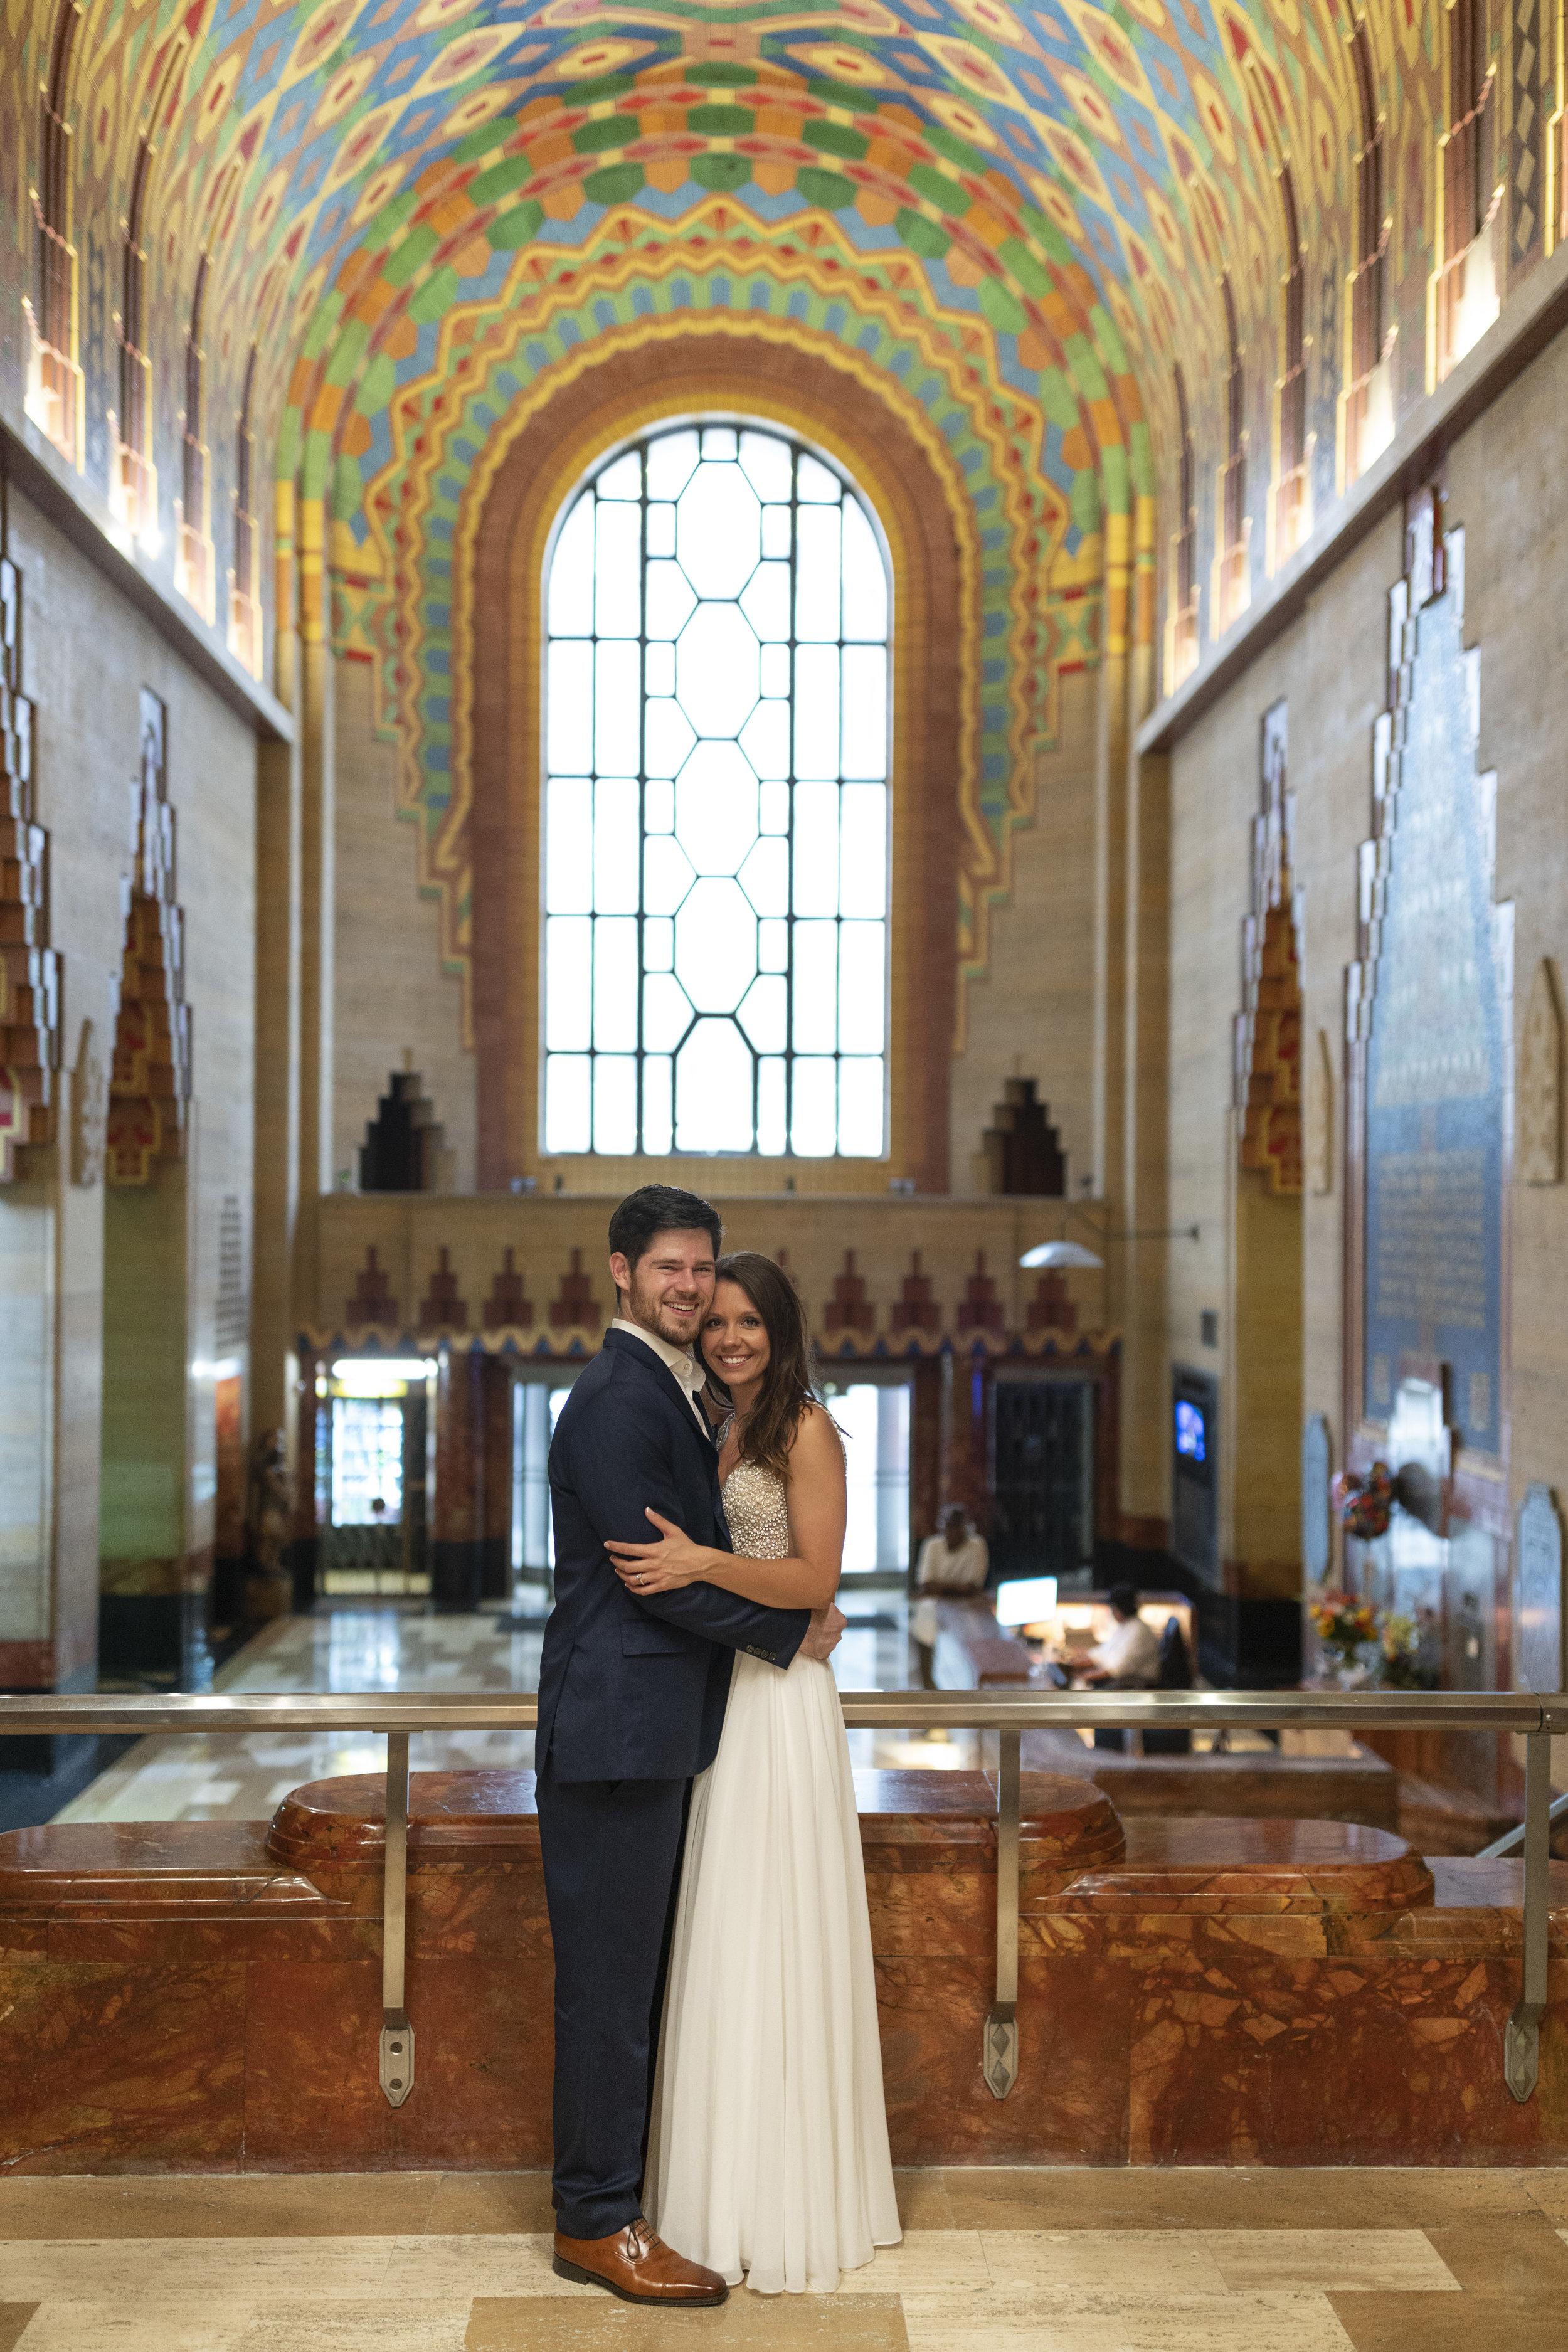 shareyah_John_detroit_wedding_preview_003.JPG